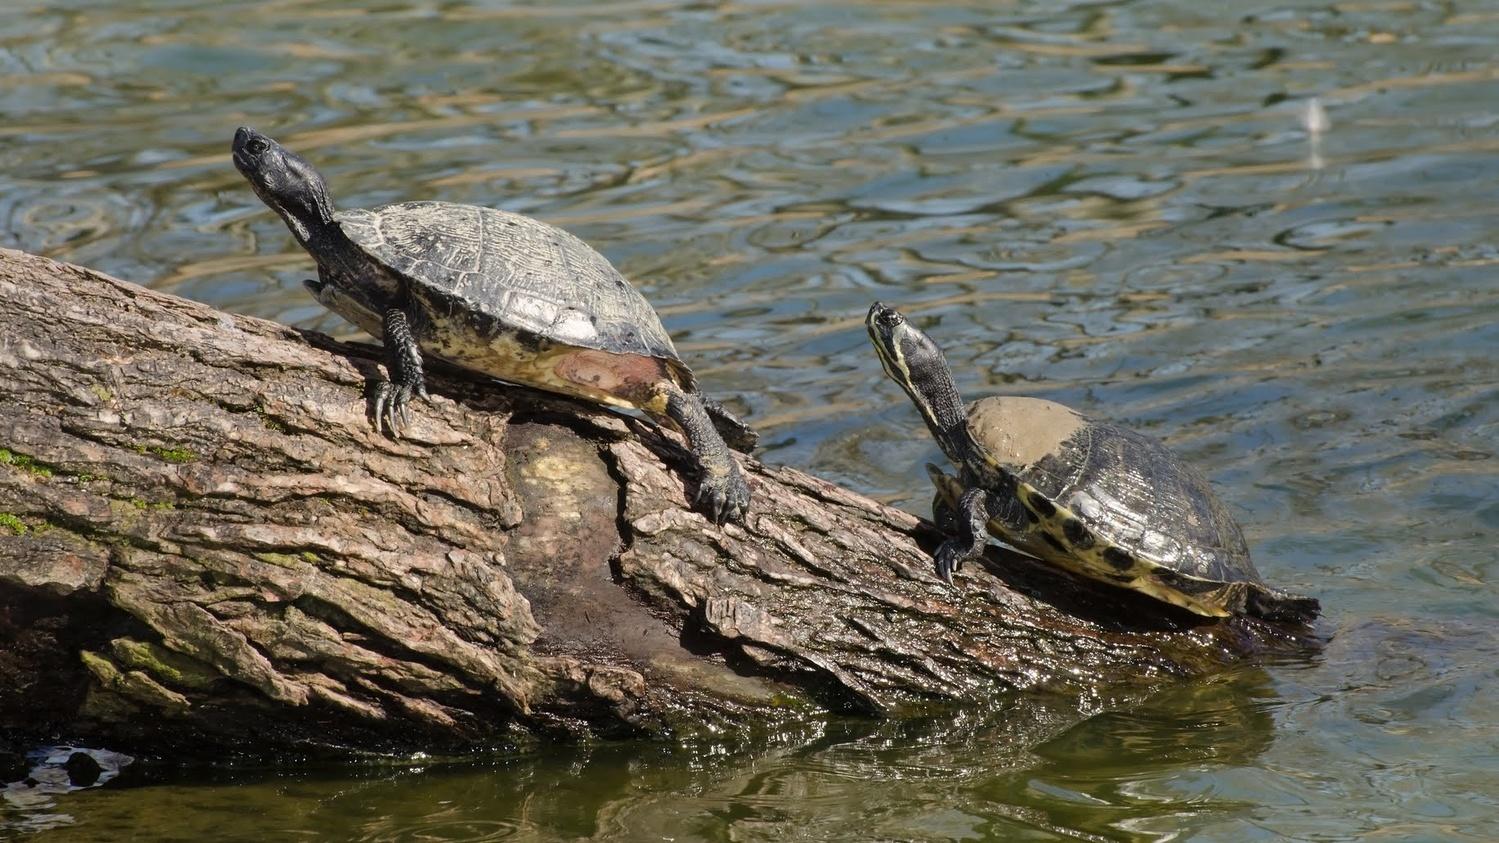 Turtles On Log by Stanley Westfall